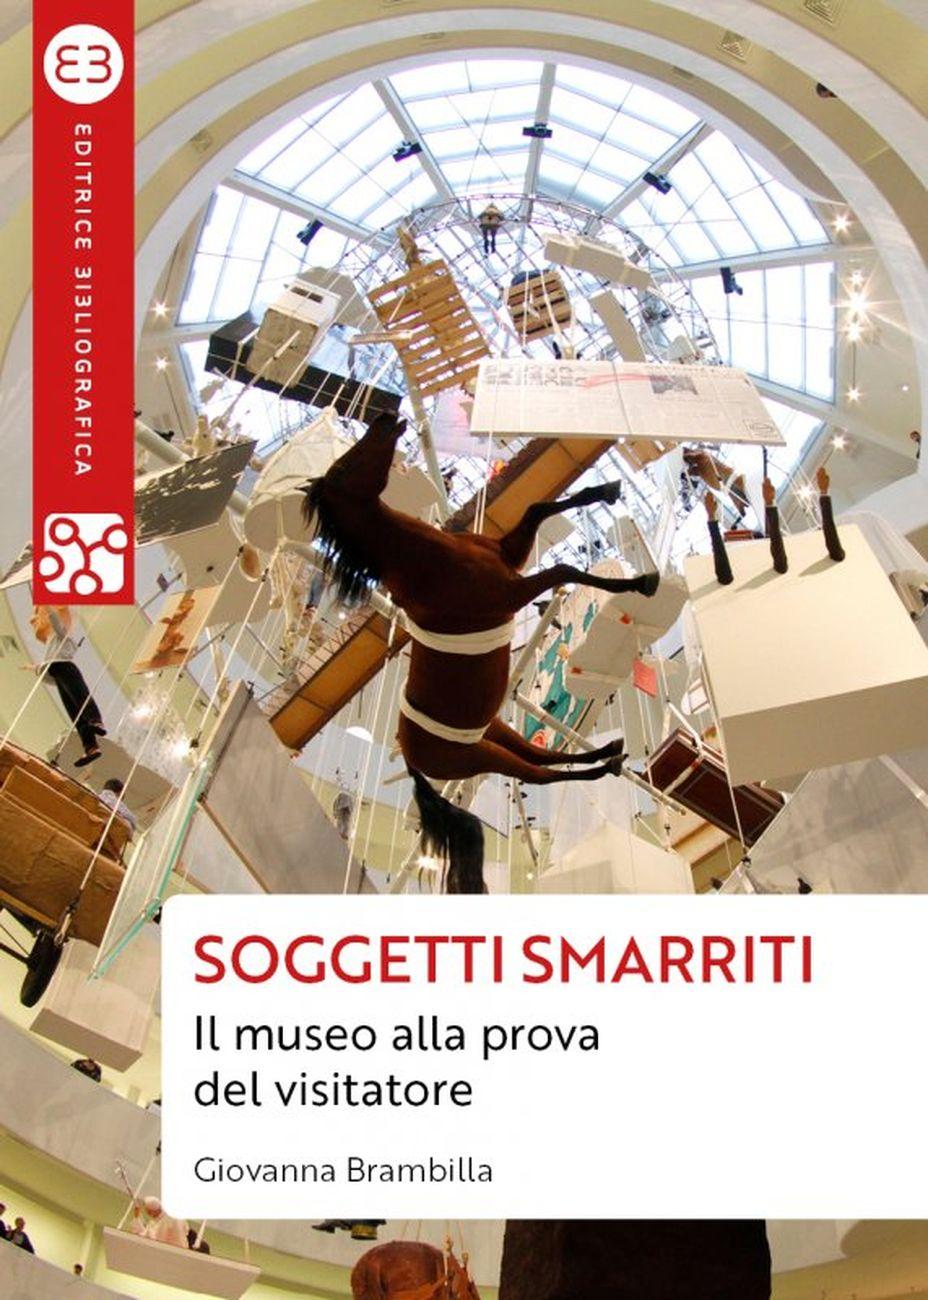 Giovanna Brambilla – Soggetti smarriti (Editrice Bibliografica, Milano 2021)